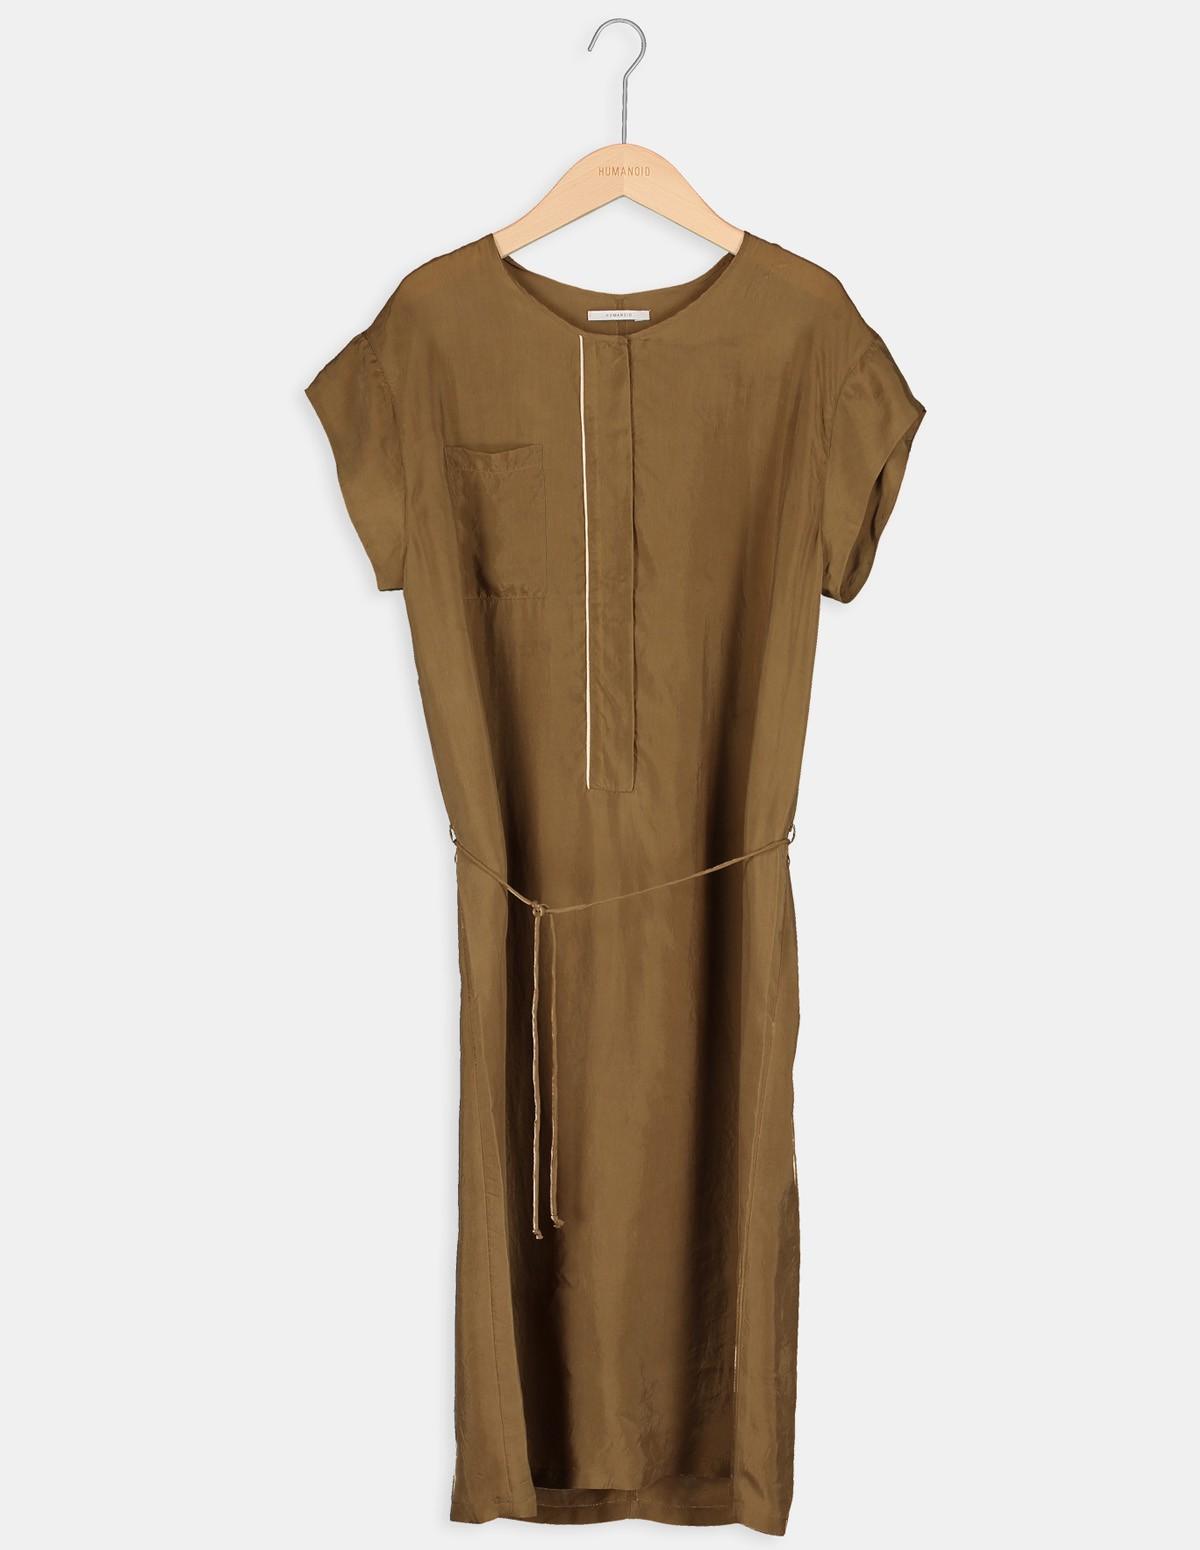 Huma French Dress